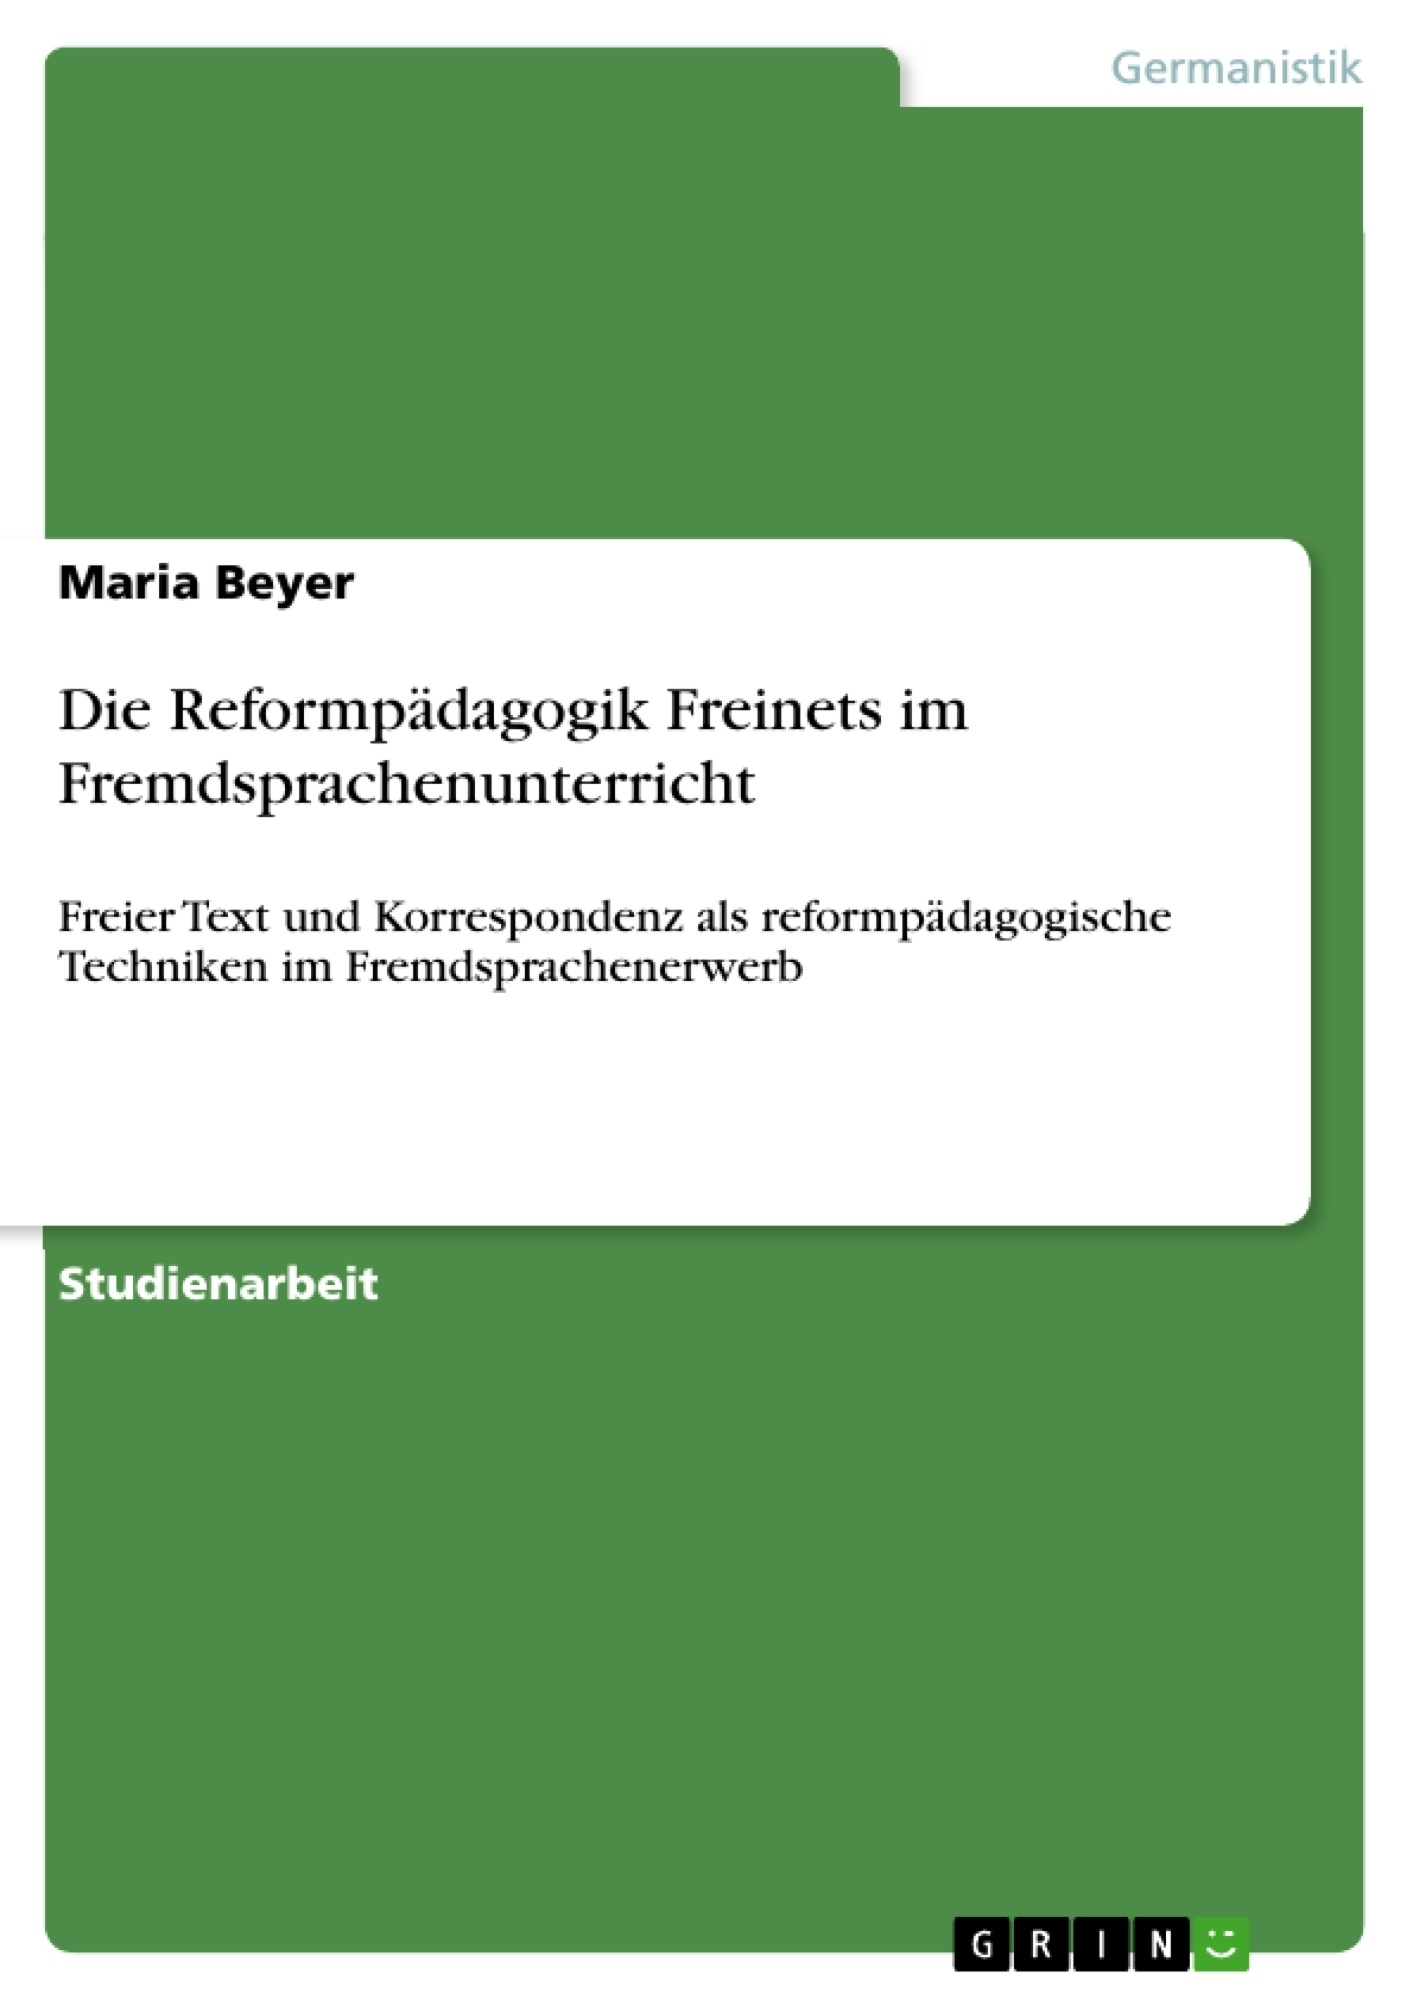 Titel: Die Reformpädagogik Freinets im Fremdsprachenunterricht